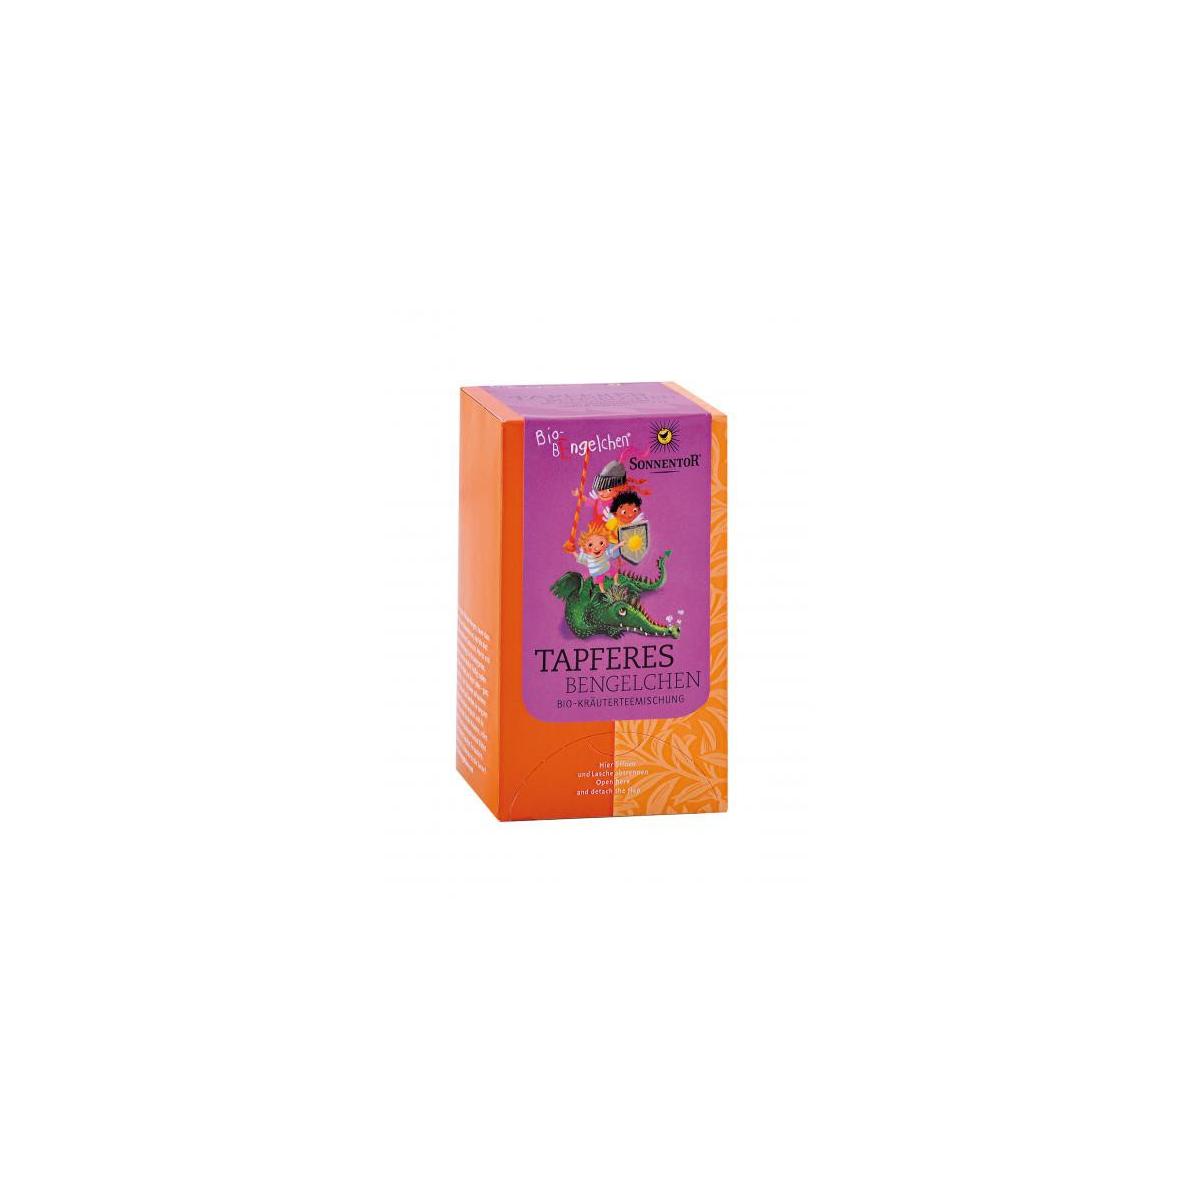 Tapferes Bengelchen Tee Bio Bengelchen